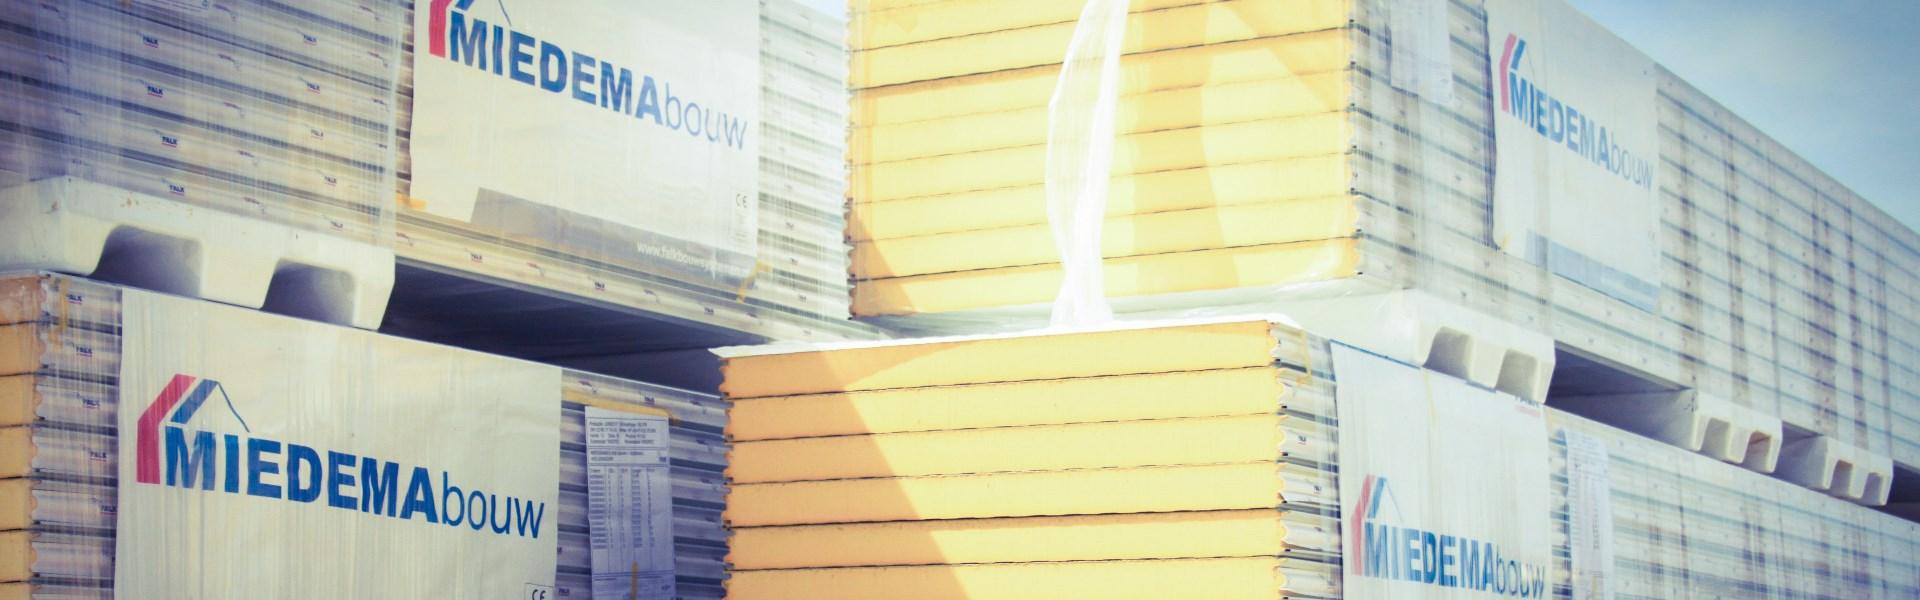 sliderfoto nieuwbouw 1 Miedema Bouw